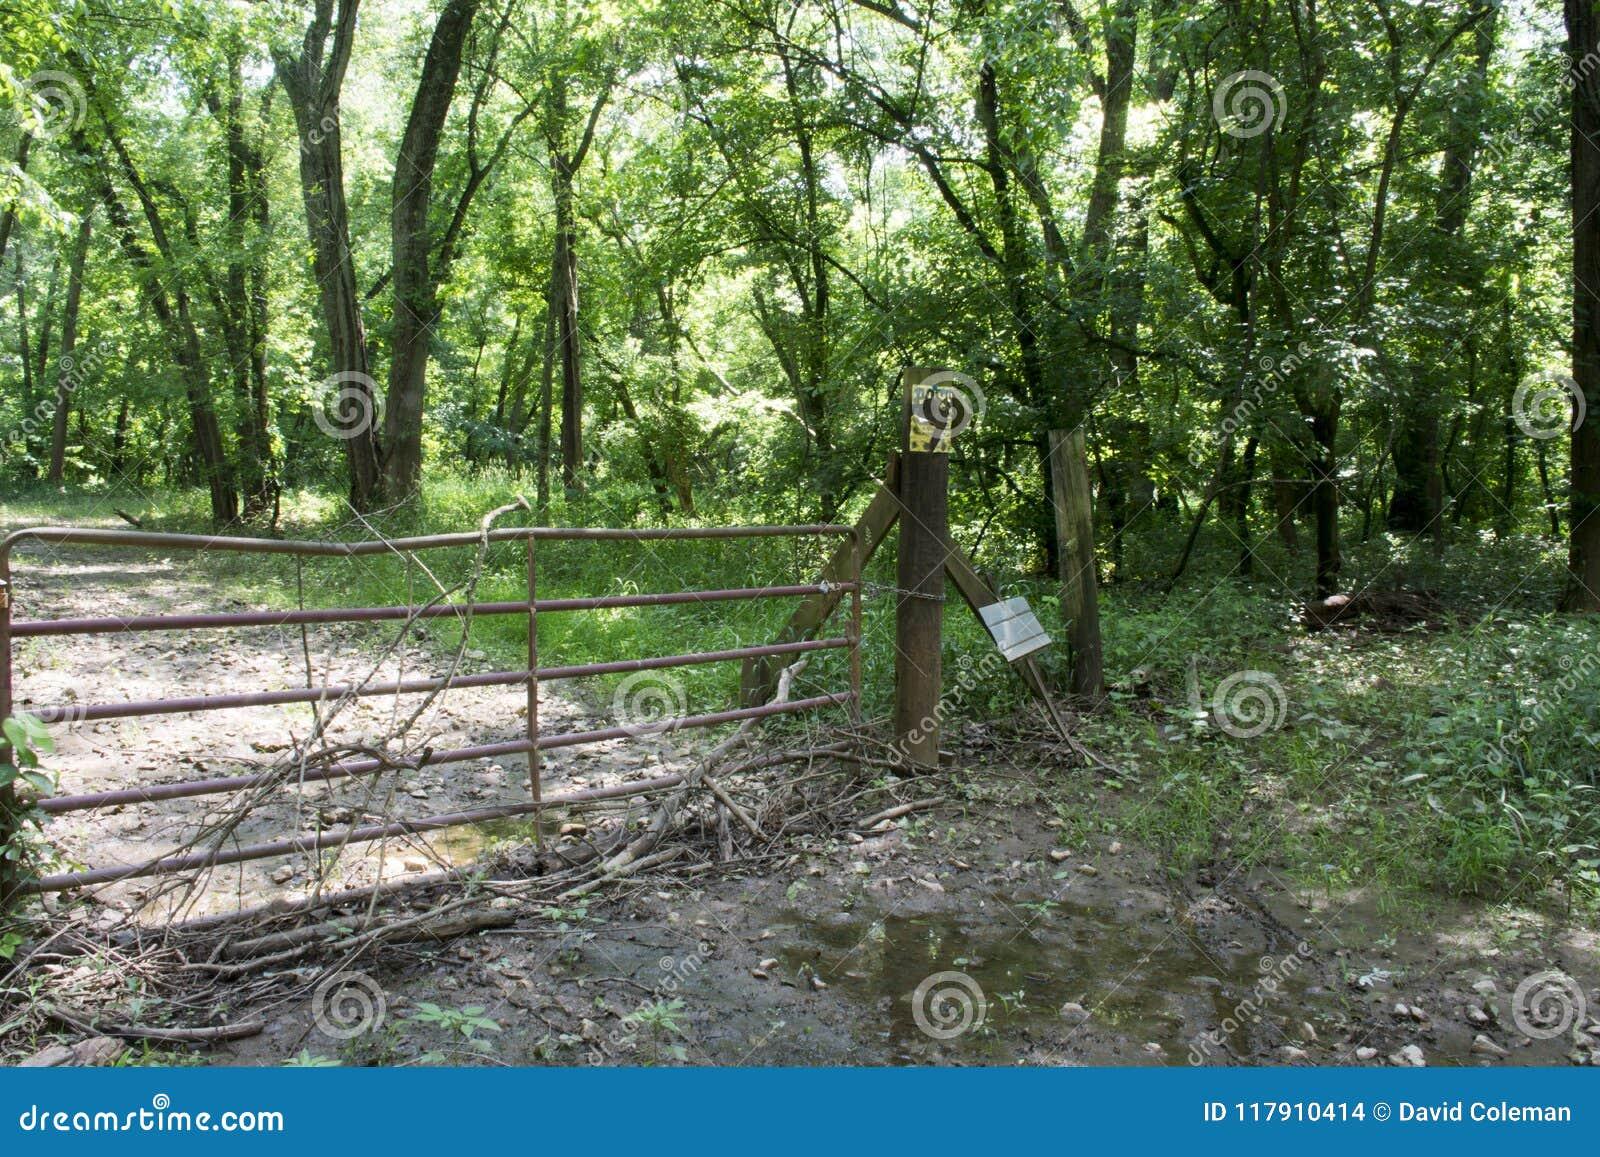 Poort over ongebruikte weg